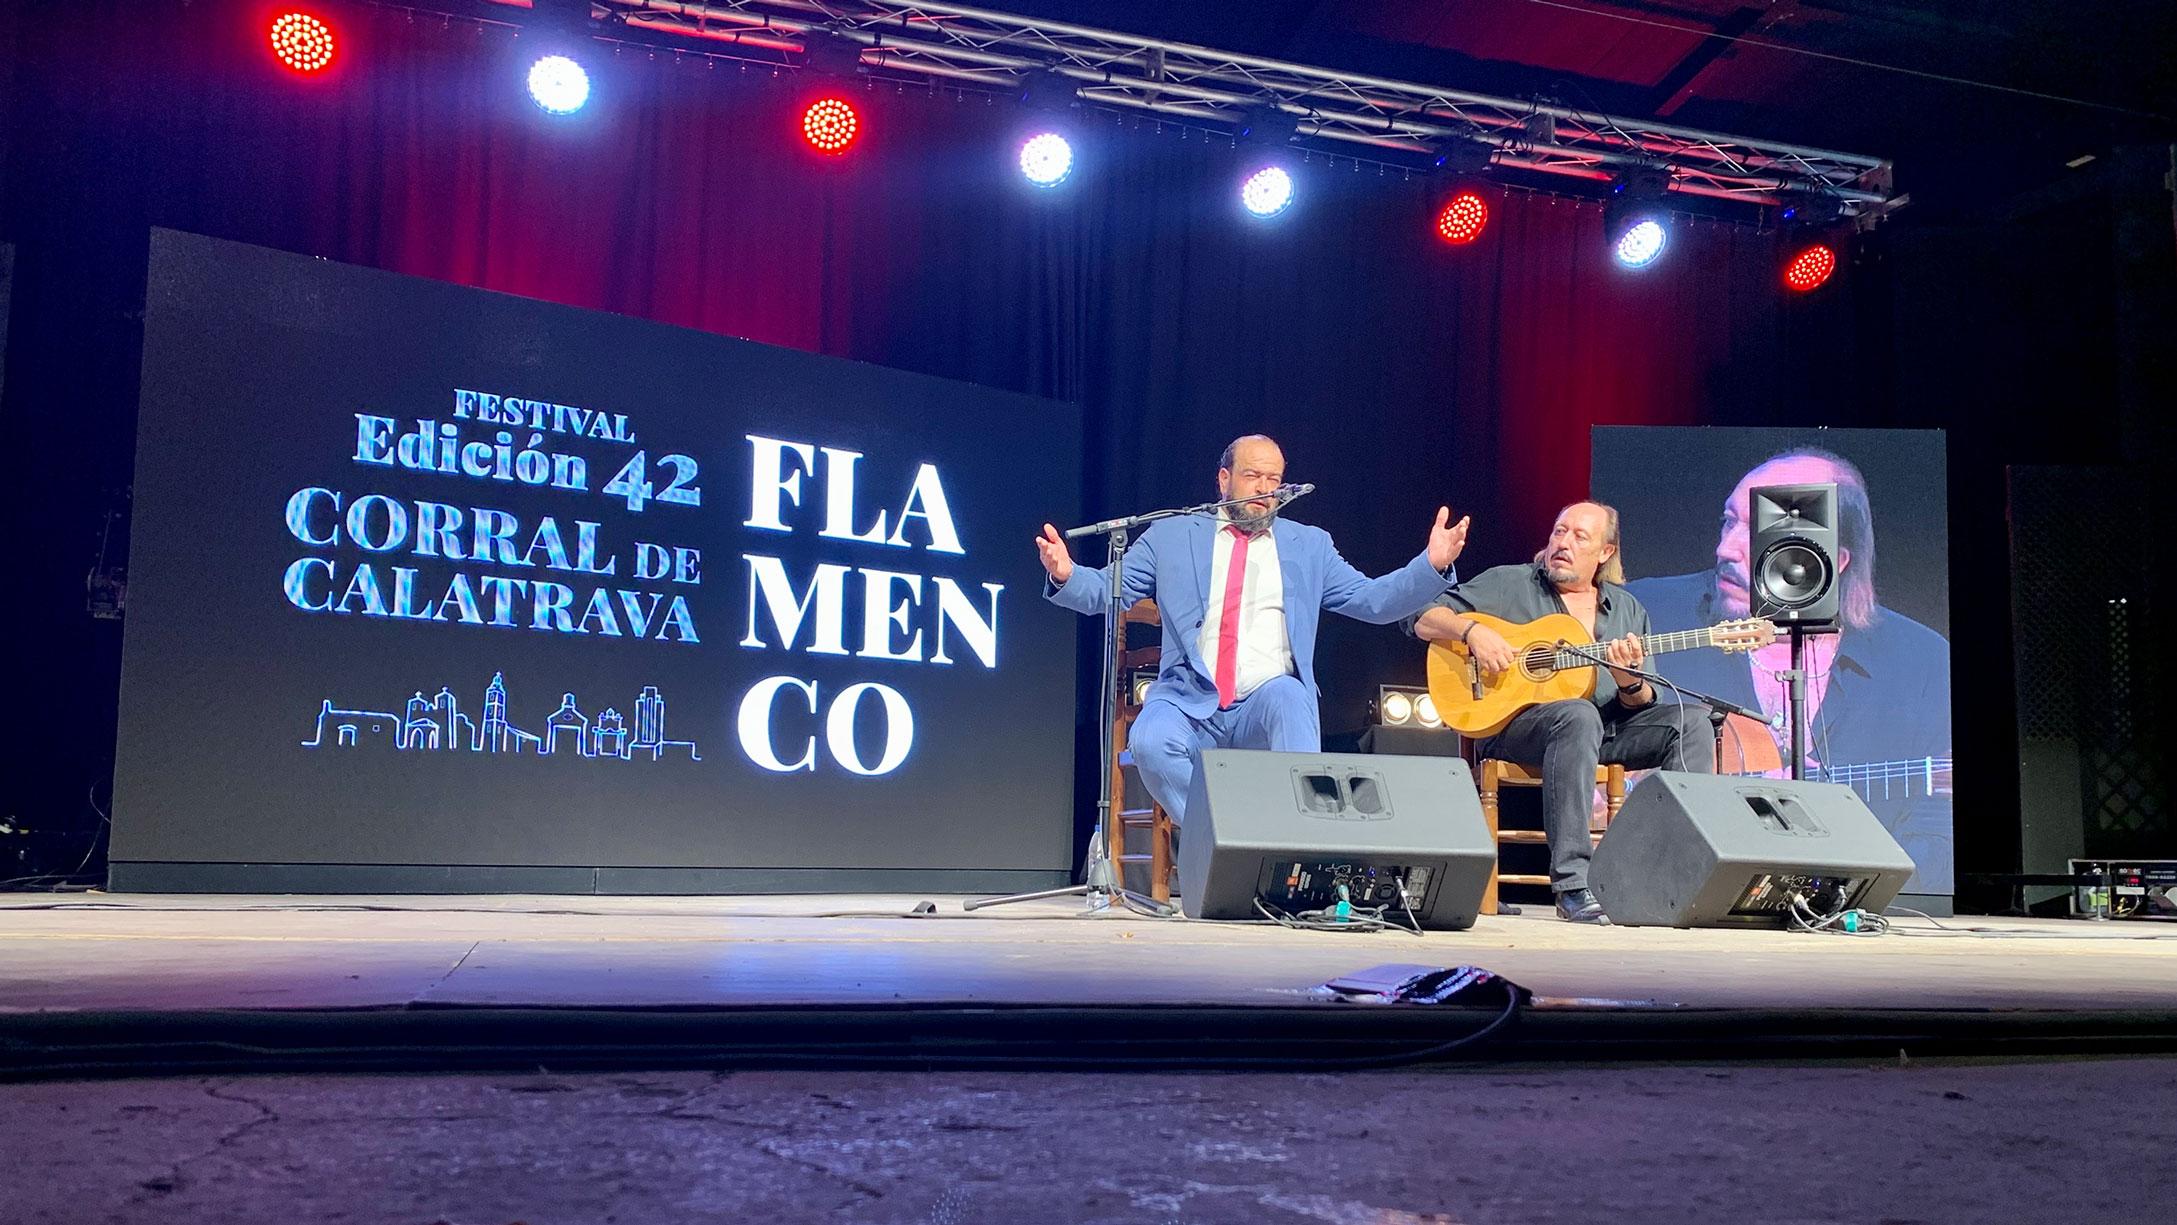 Festival_Flamenco_Corral_cva_2021_02